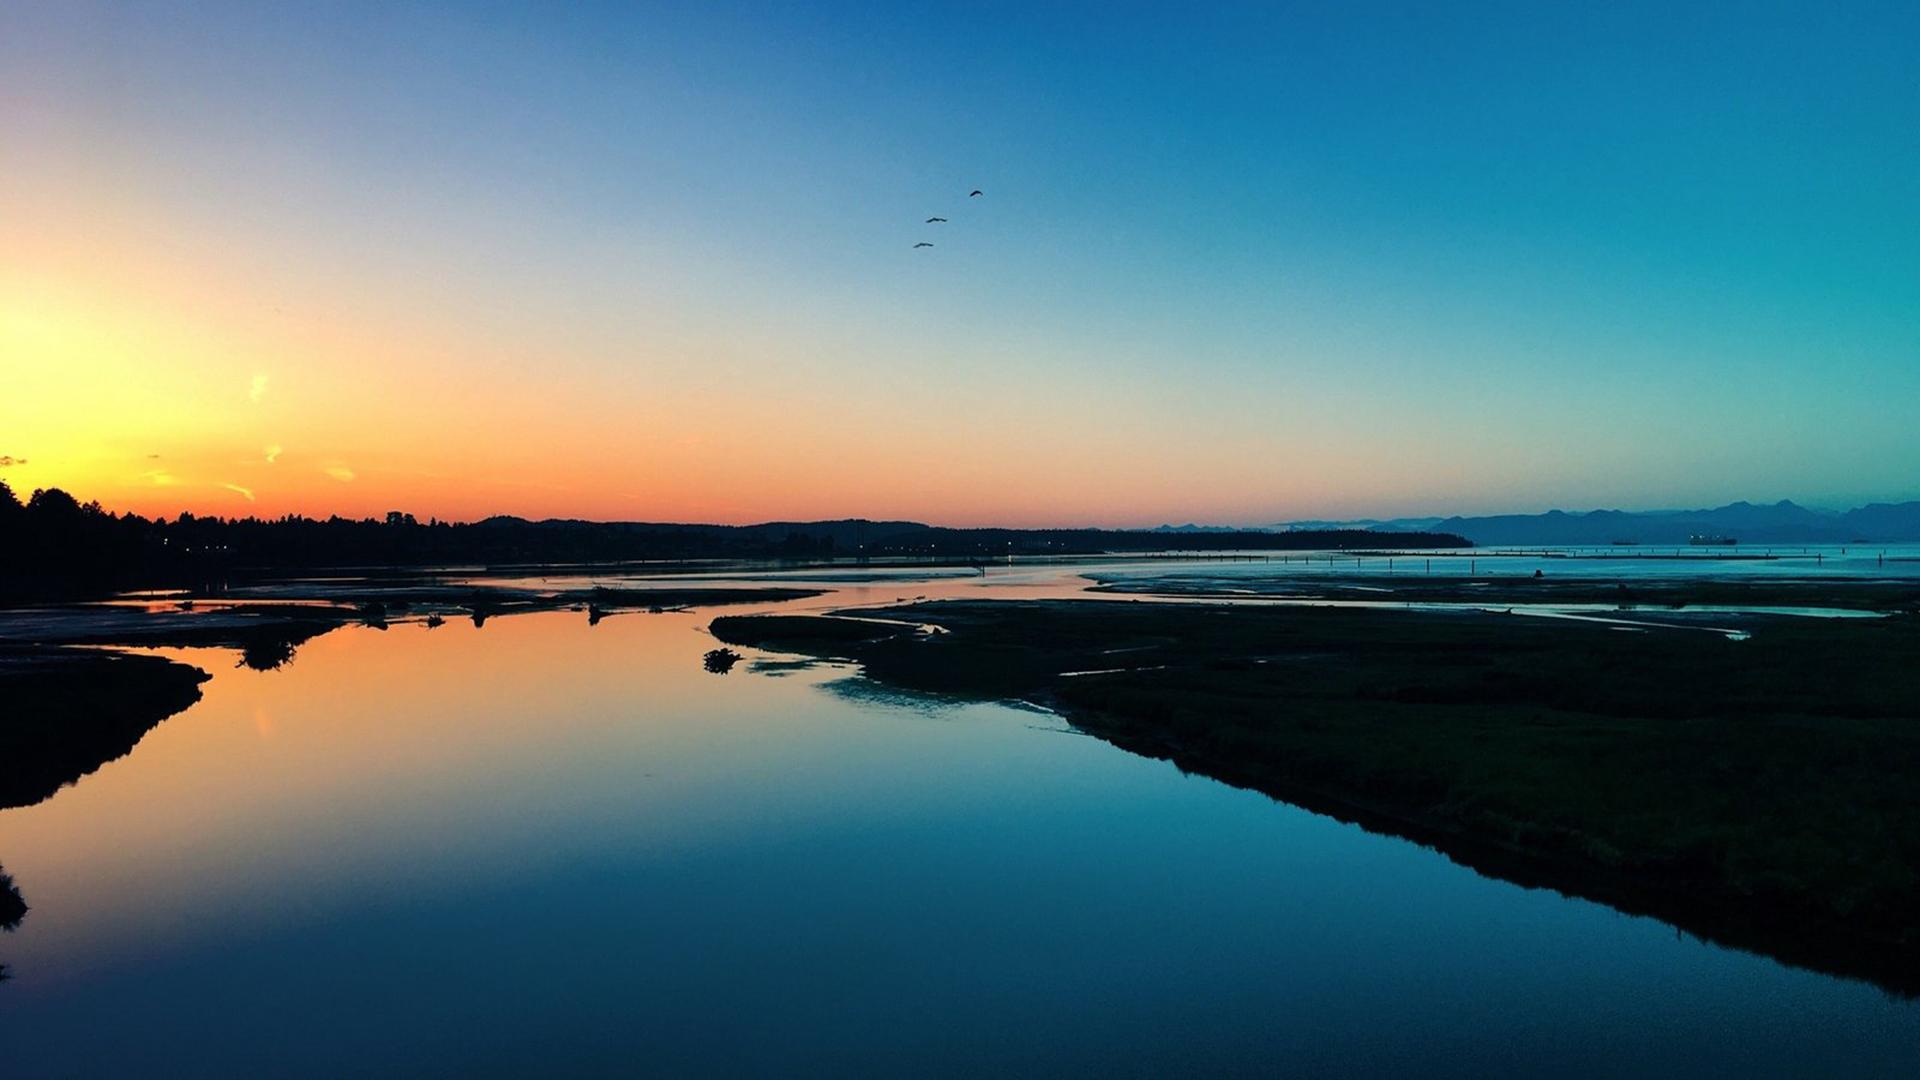 精美的落日夕阳浪漫美景电脑桌面